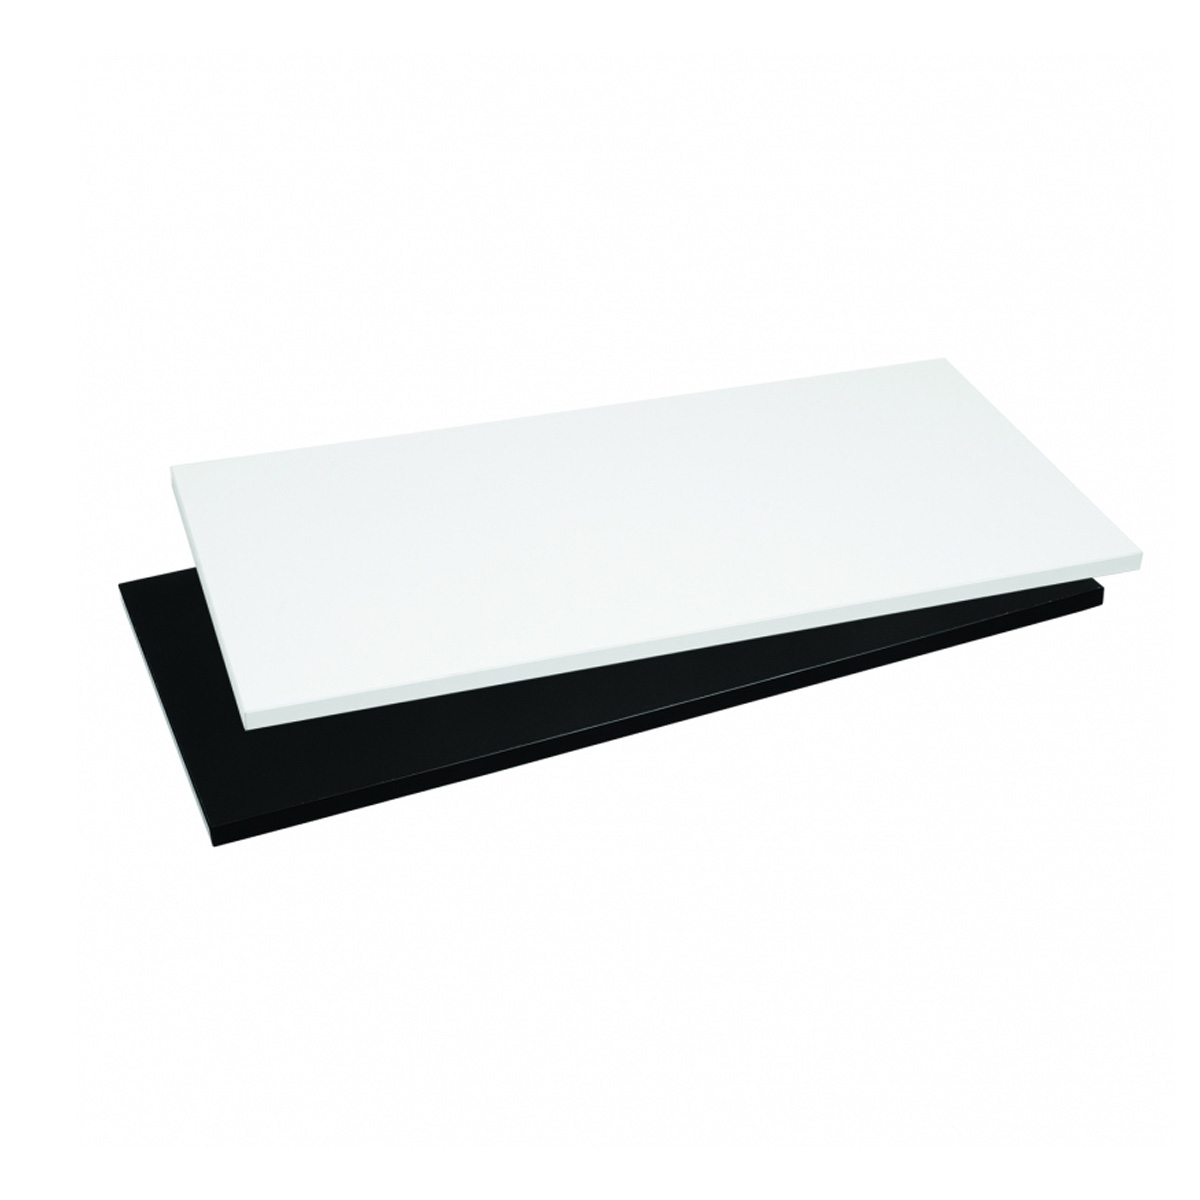 Holzfachboden schwarz für Gondel breit Scala